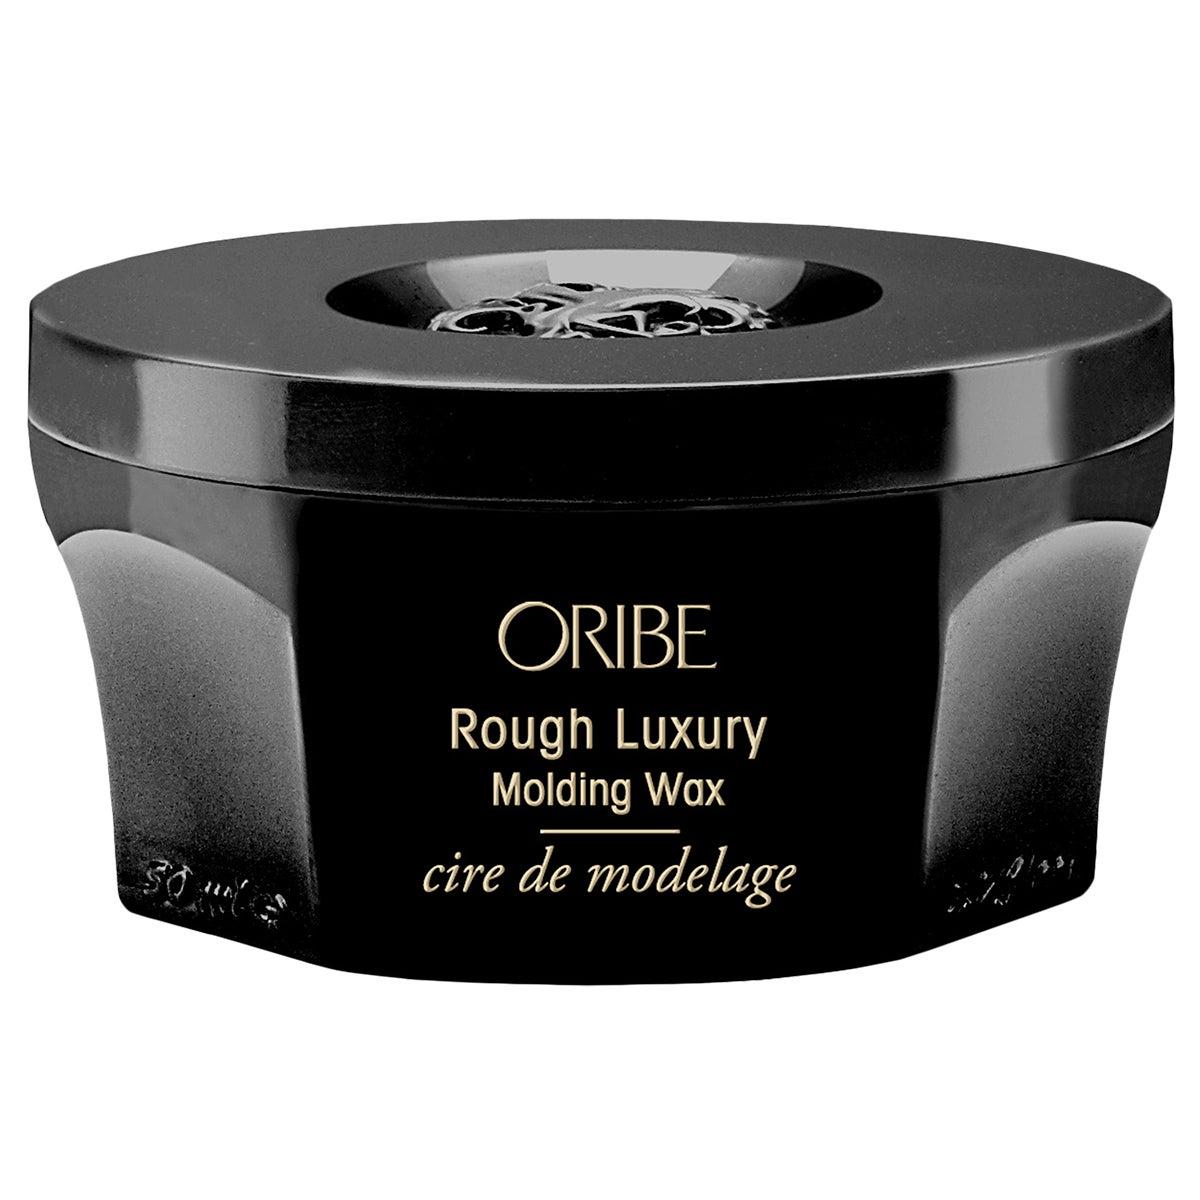 bra försäljning försäljning online det billigaste Oribe Rough Luxury Molding Wax | Hårvax/paste | eleven.se - eleven.se